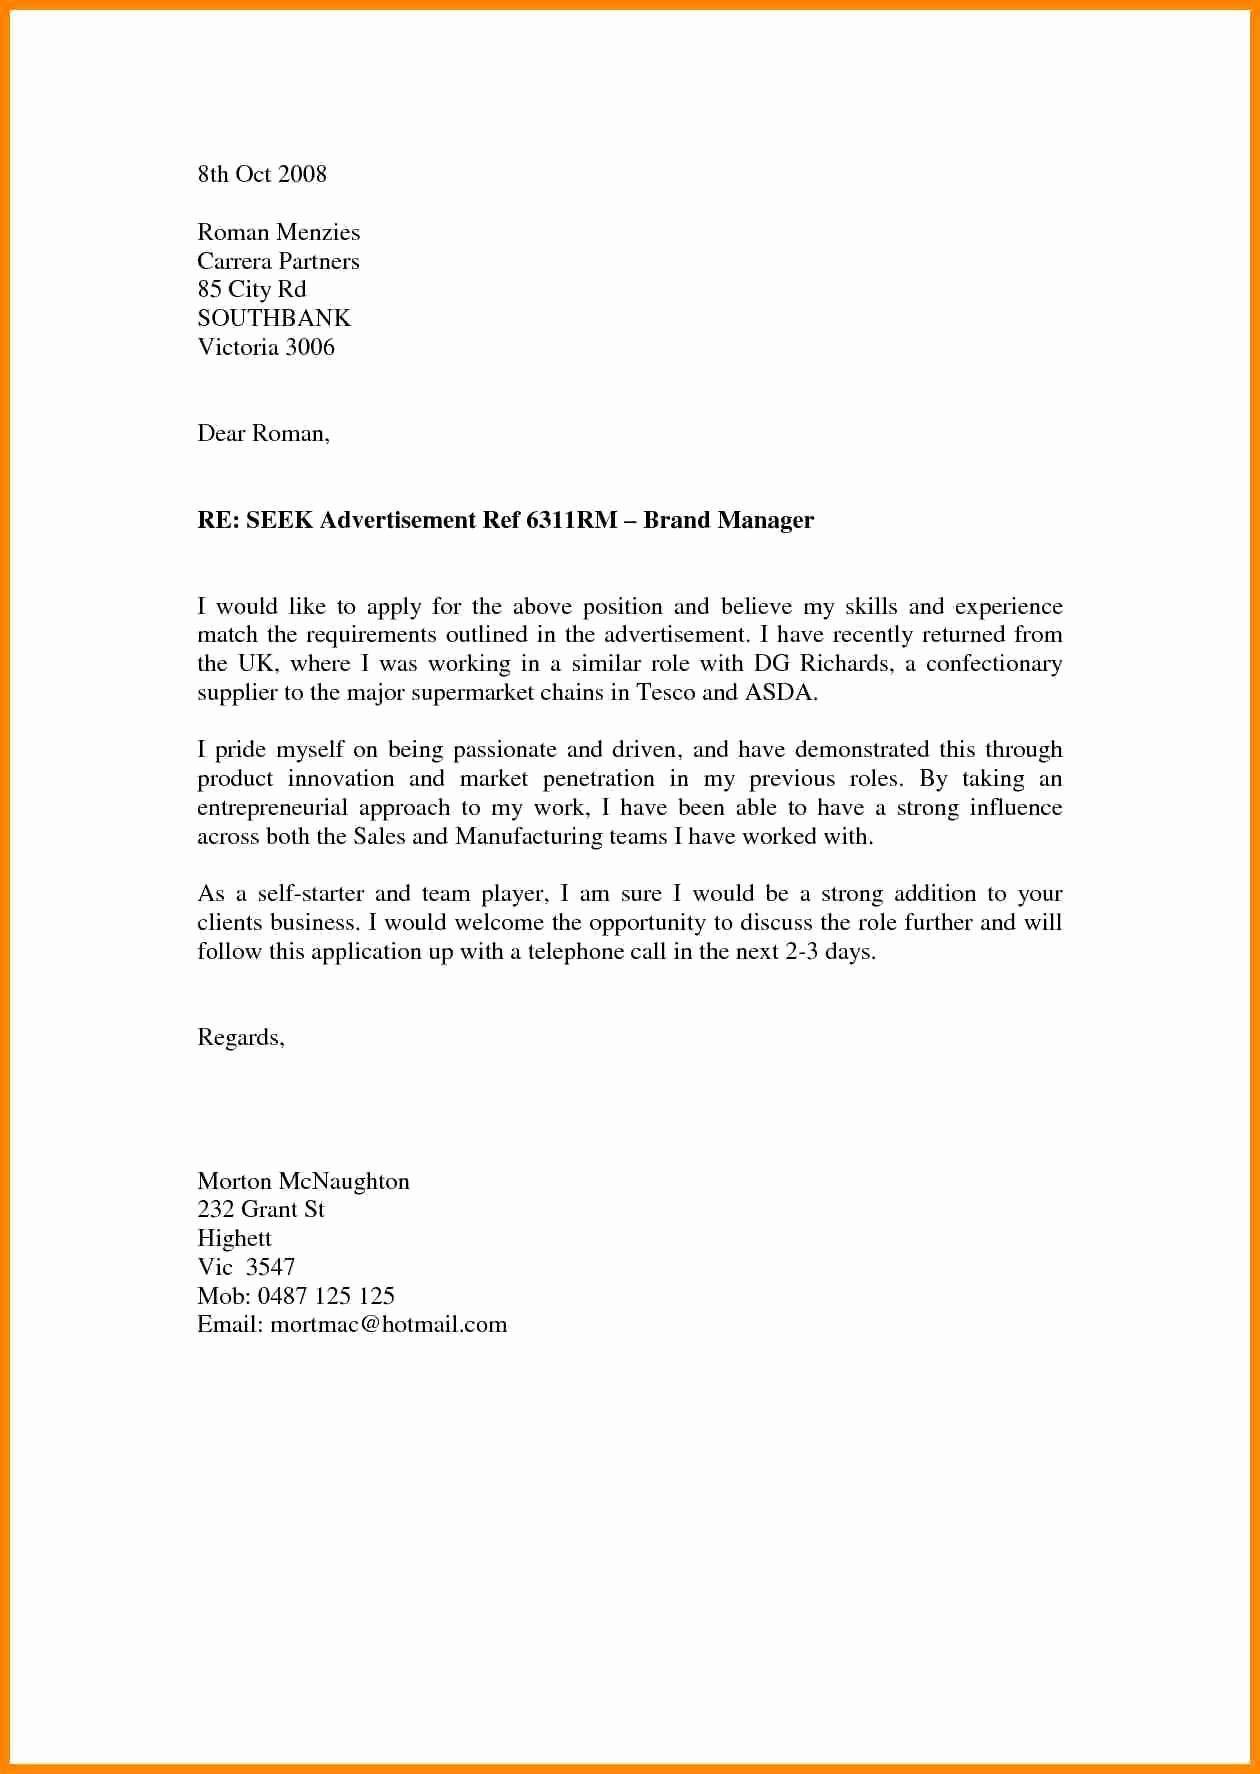 27 Pharmacy Technician Cover Letter In 2020 Lettering Resume